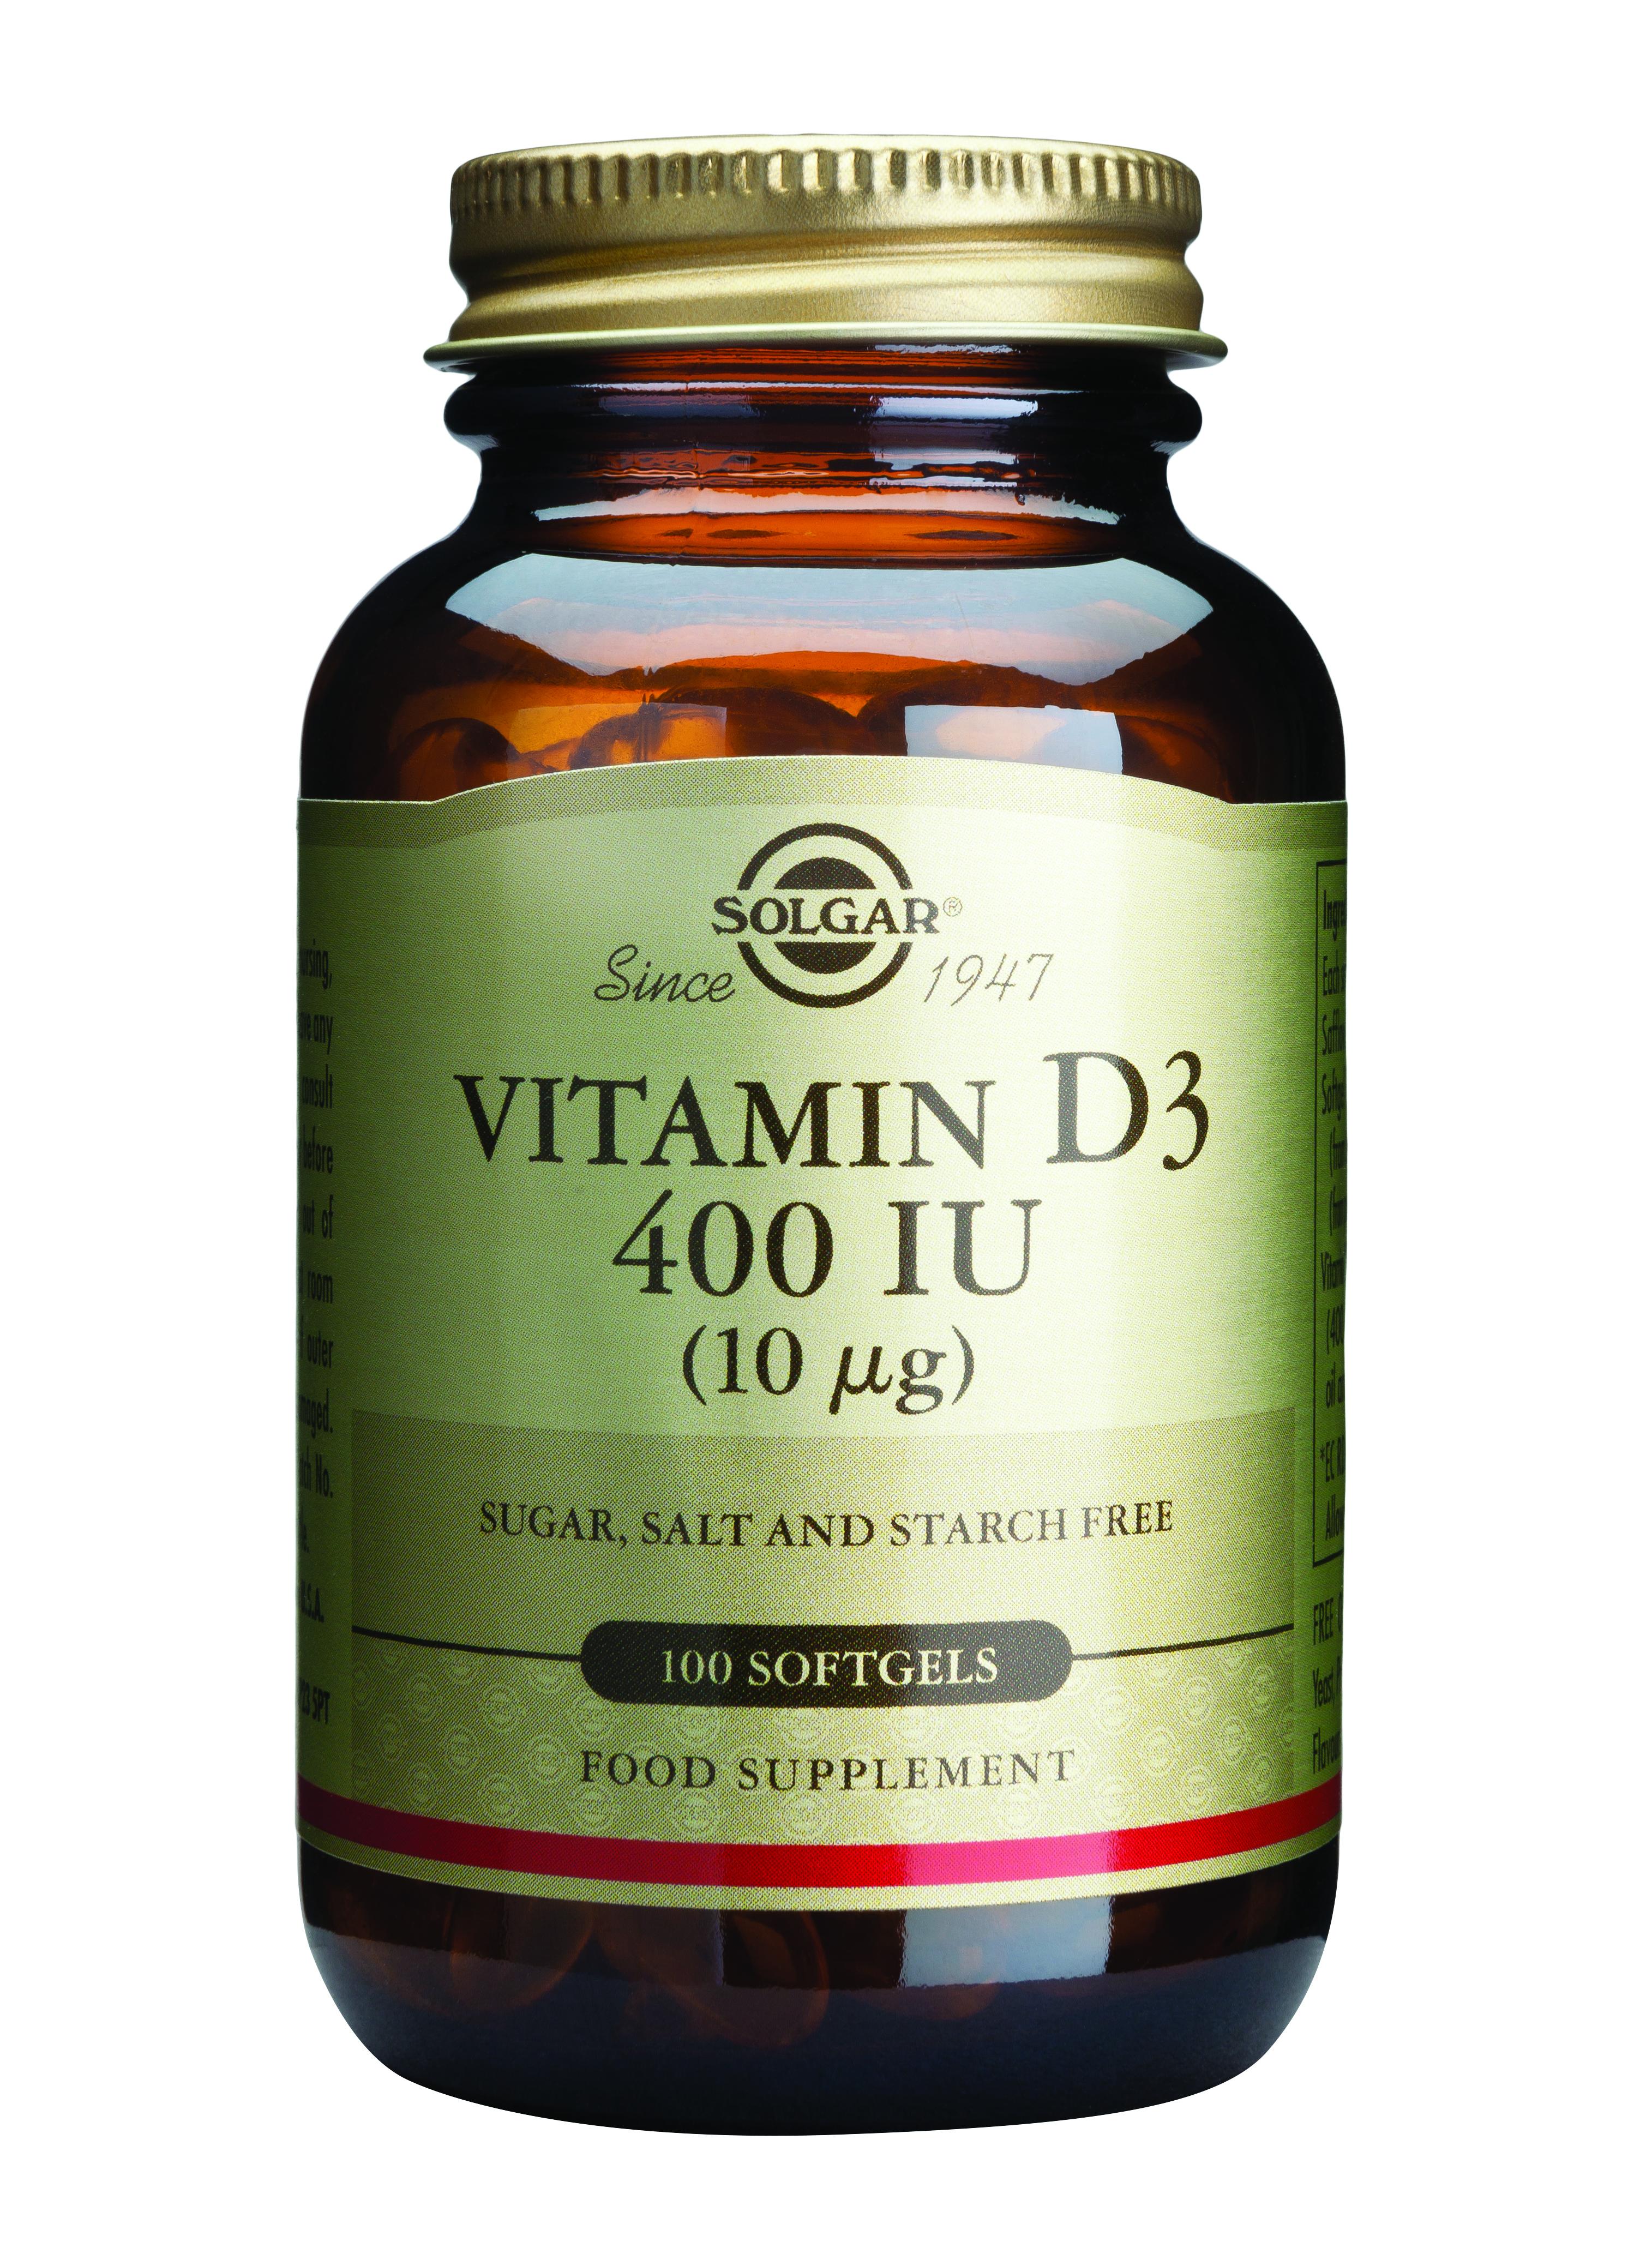 vitamin-d-uk_vitamin_d3_400ug_100softgels_3320_pic-aha